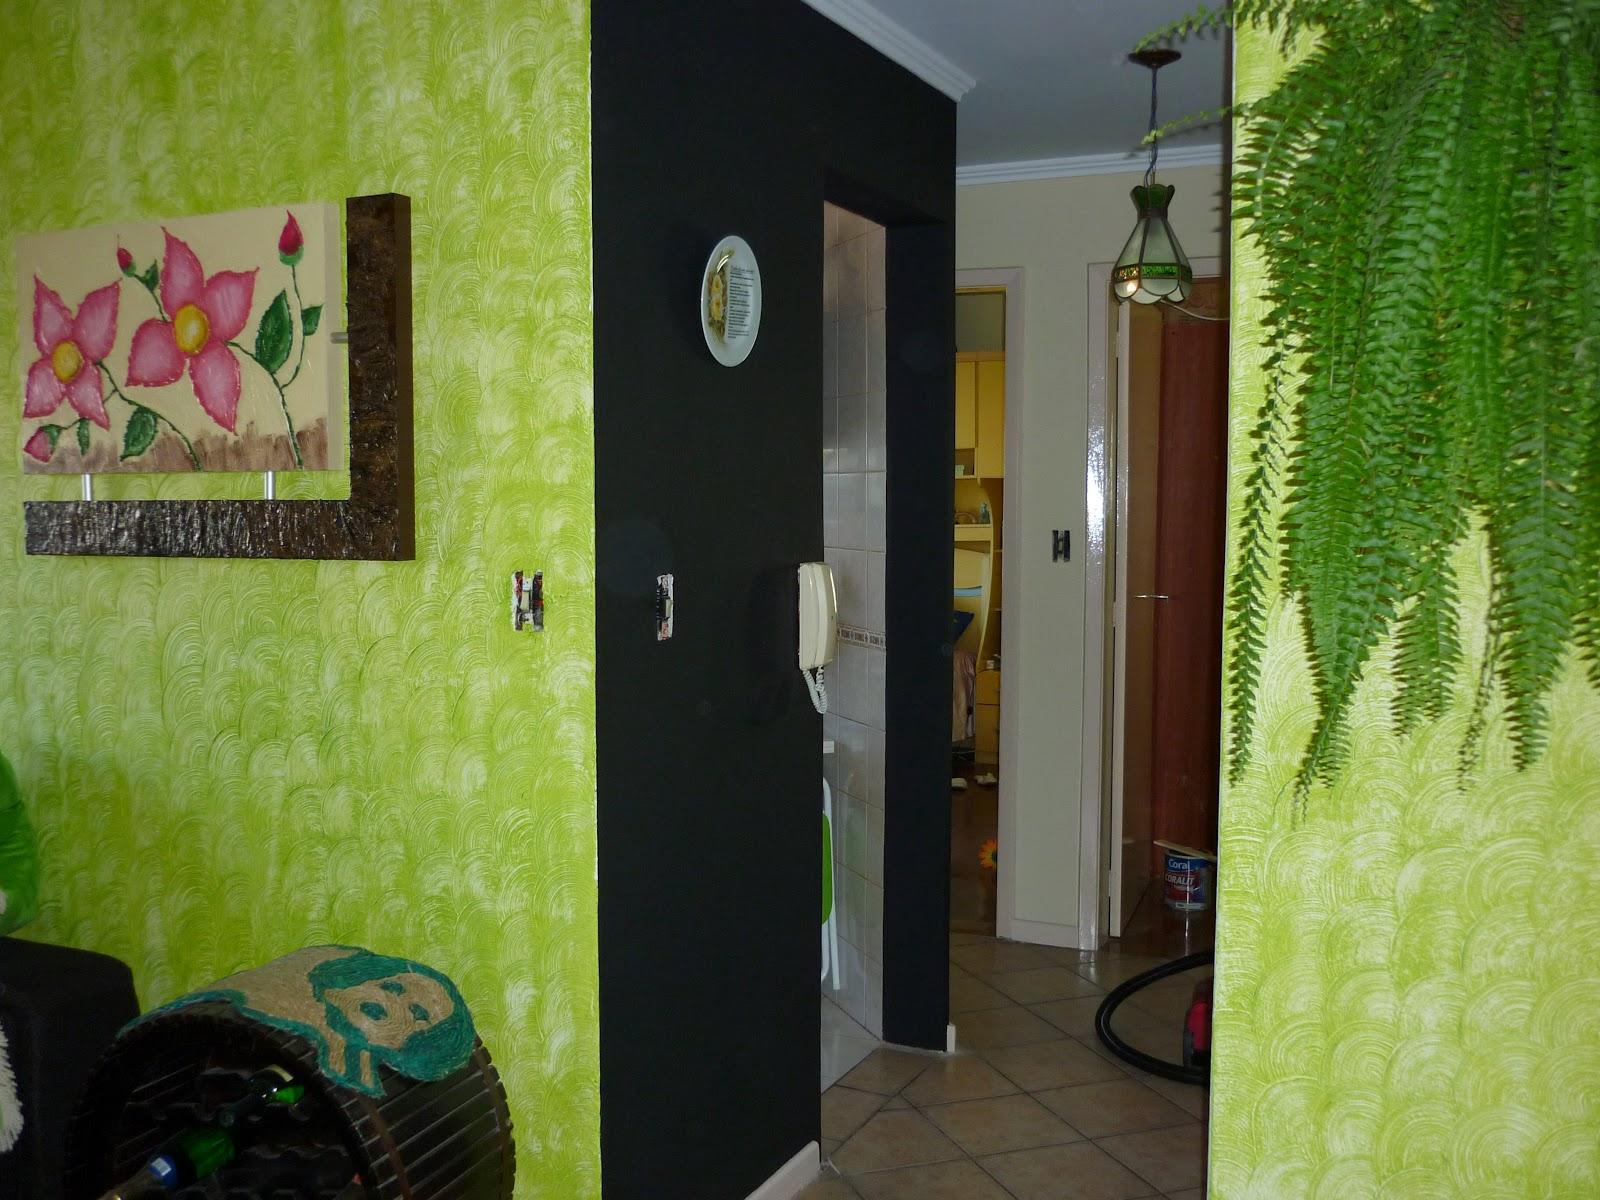 Pintura parede textura sala cole o de - Pintura de paredes ...